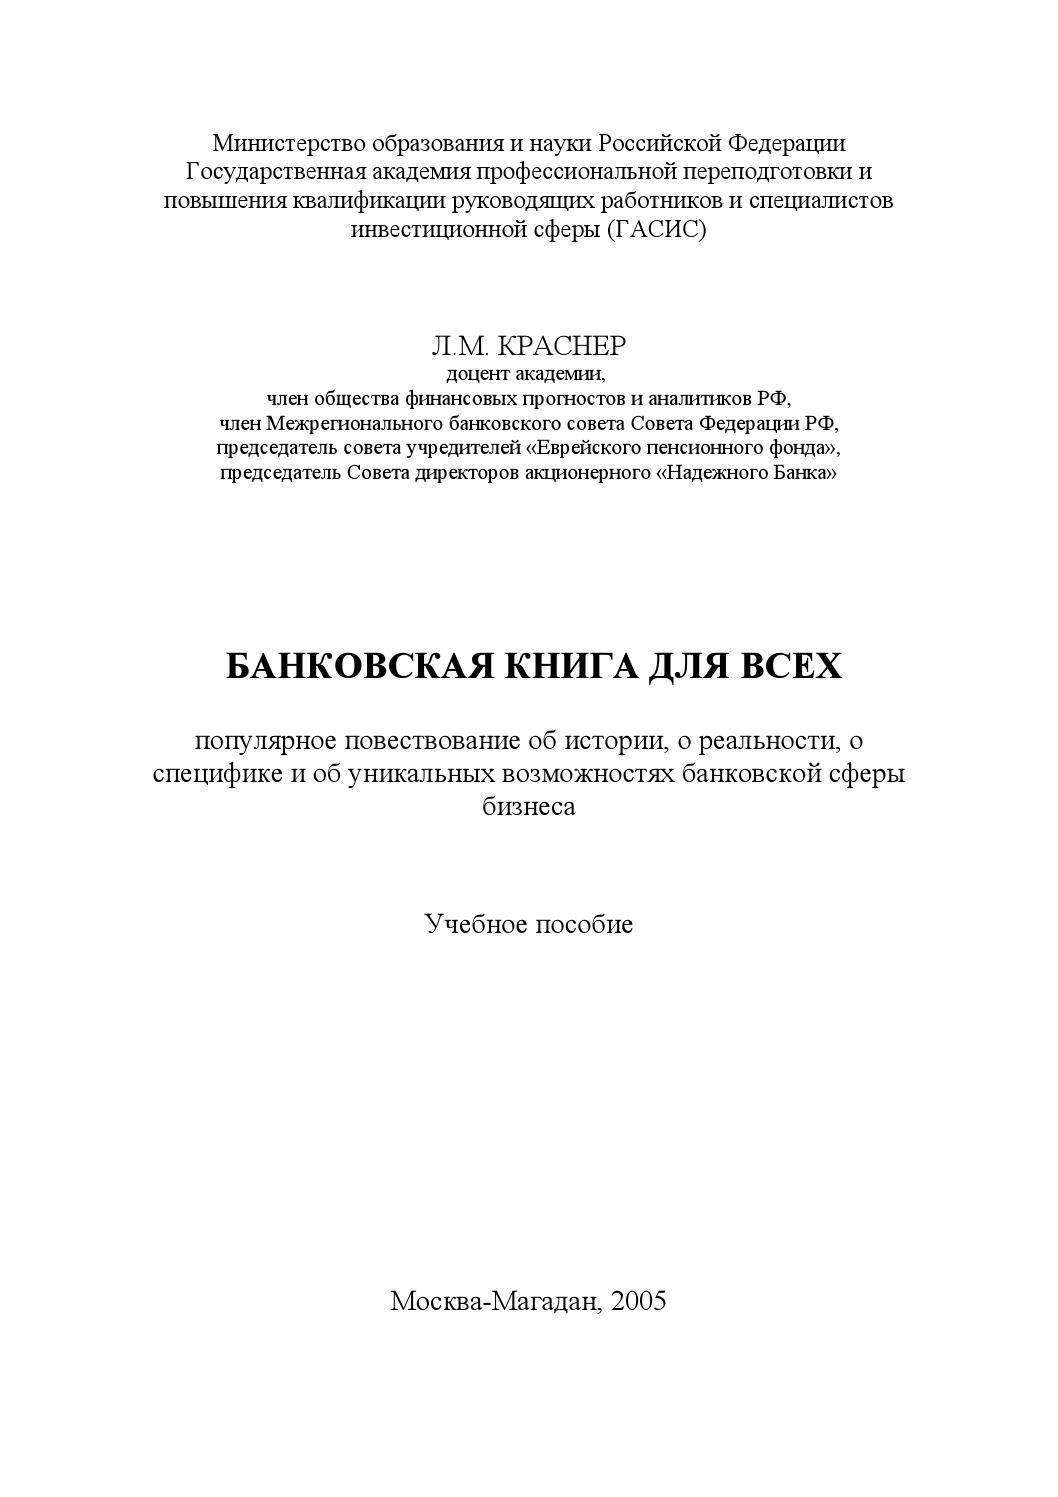 Притензионное письмо на востановление кбм